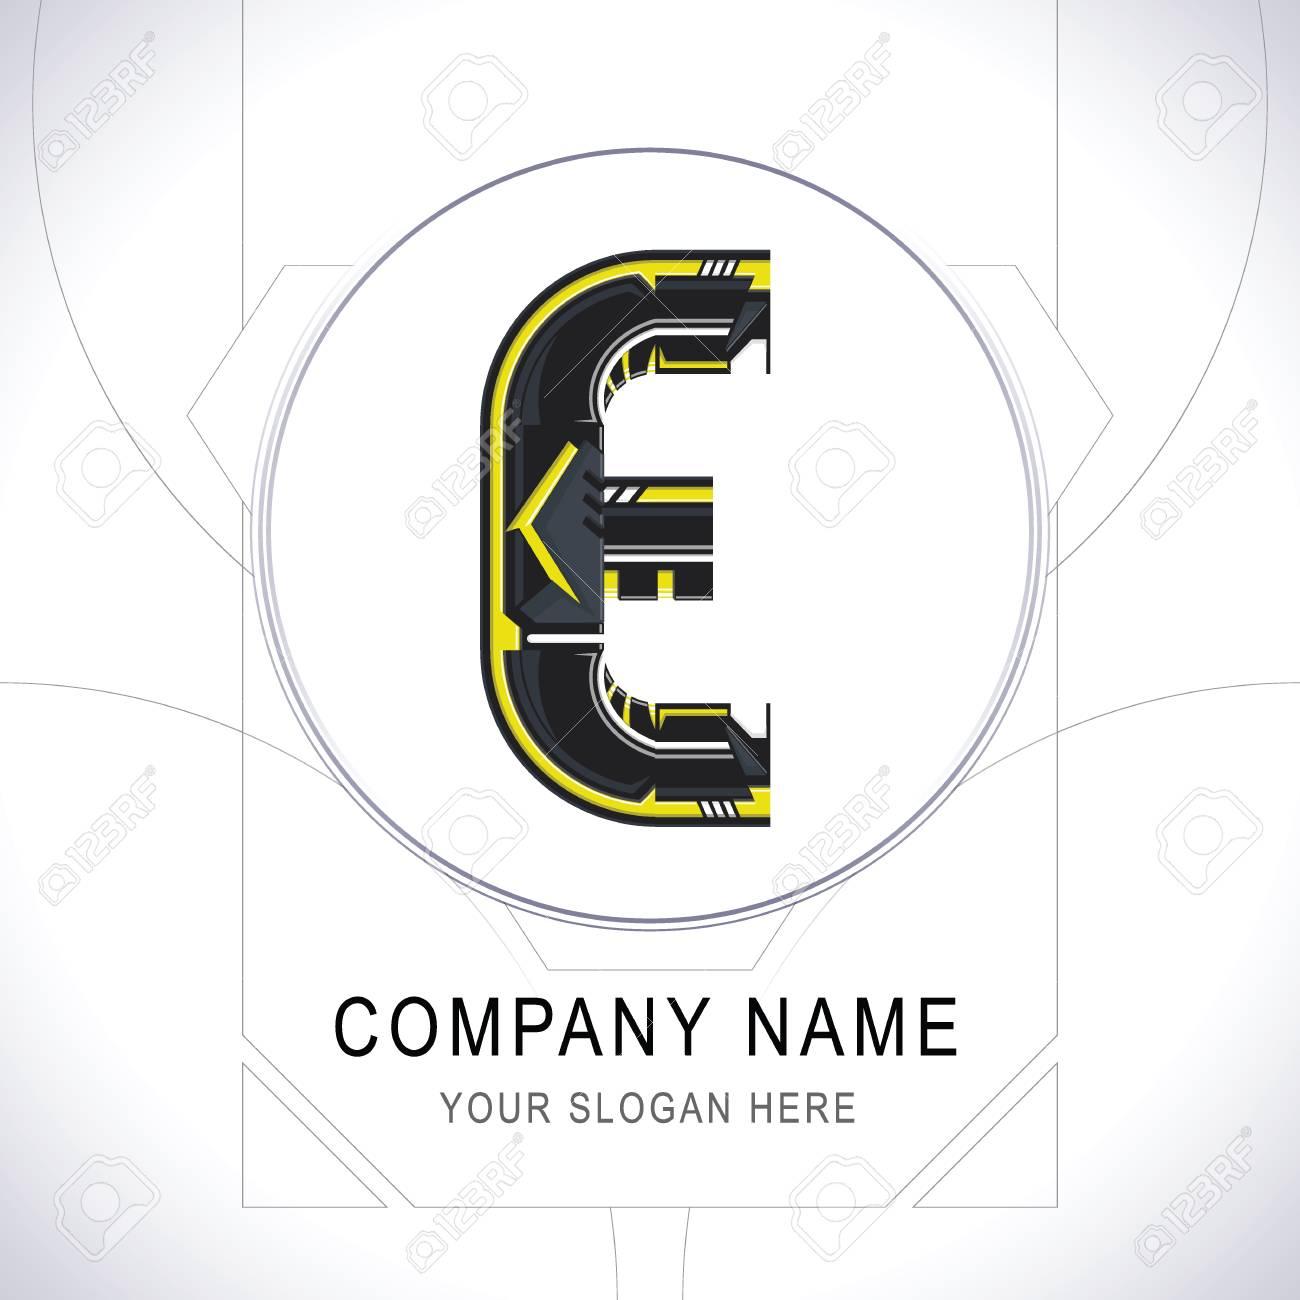 Letter E Gamer Community Black Logo Creative Yellow Line Alphabet